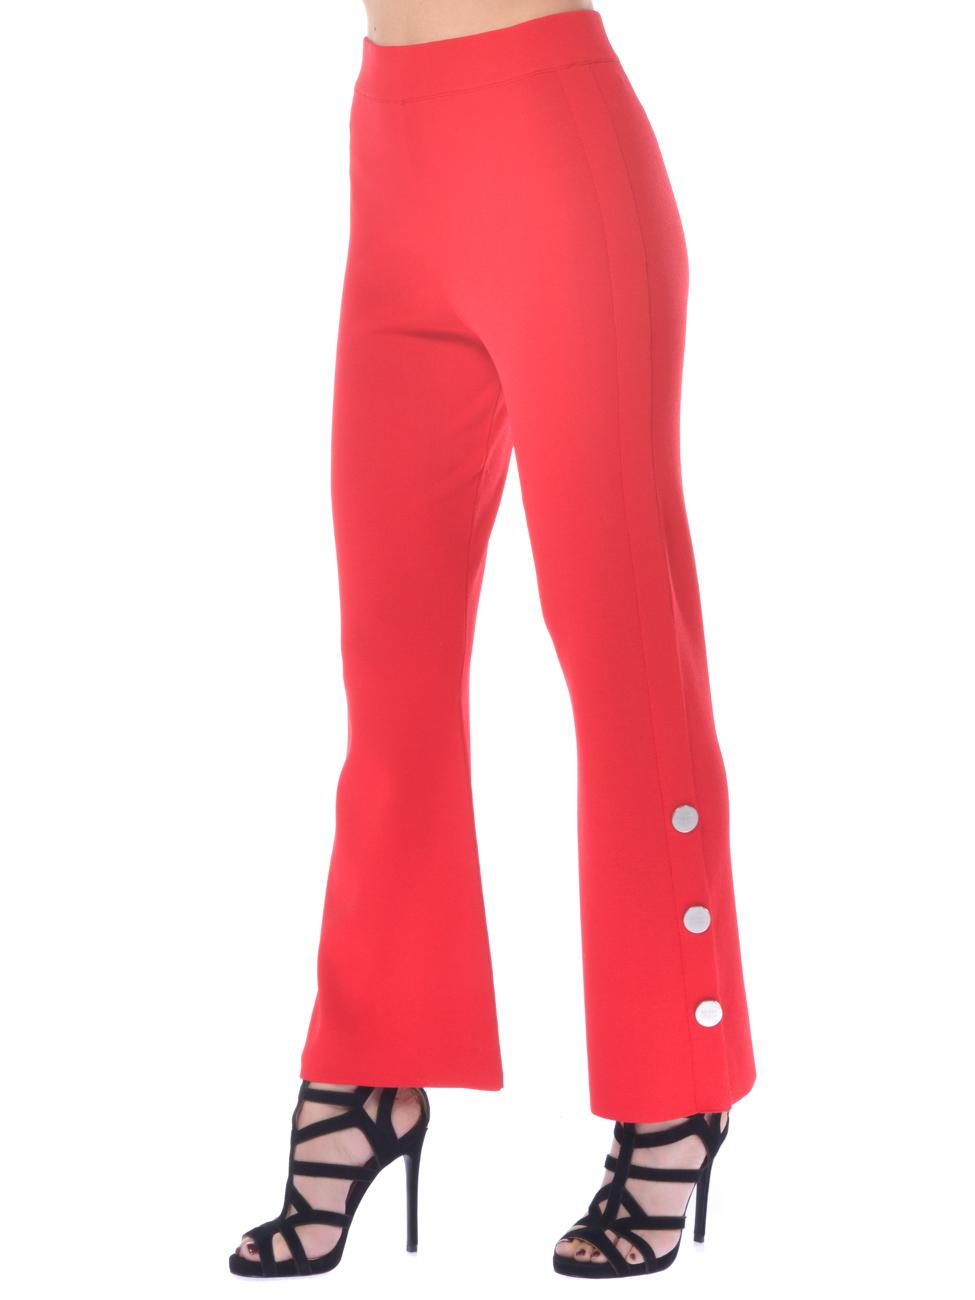 18117f1c73fd ... Pantalone donna Silvian Heach stretch con bottoni rosso. Previous Next